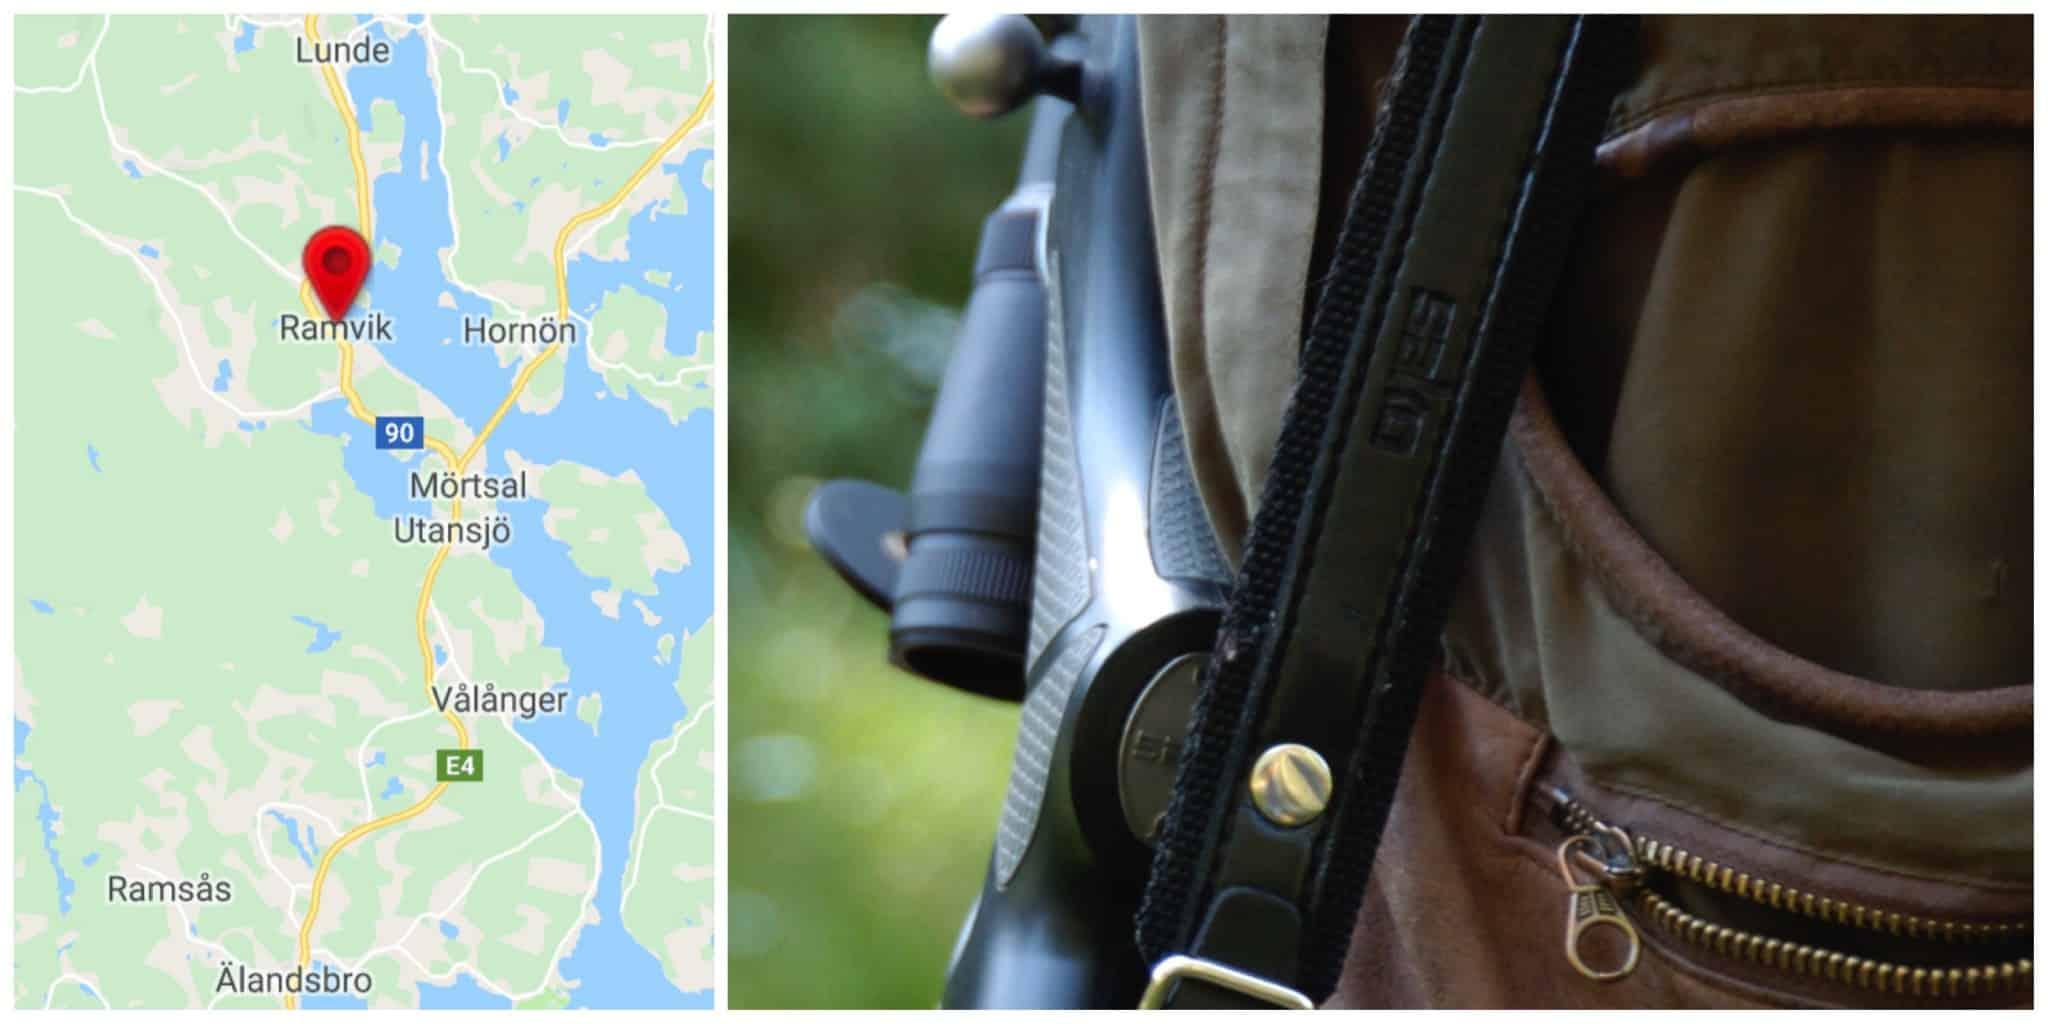 En jägare i Ramvik skadades svårt att efter han blivit vådaskjuten under jakt. Foto: Jan Henricson